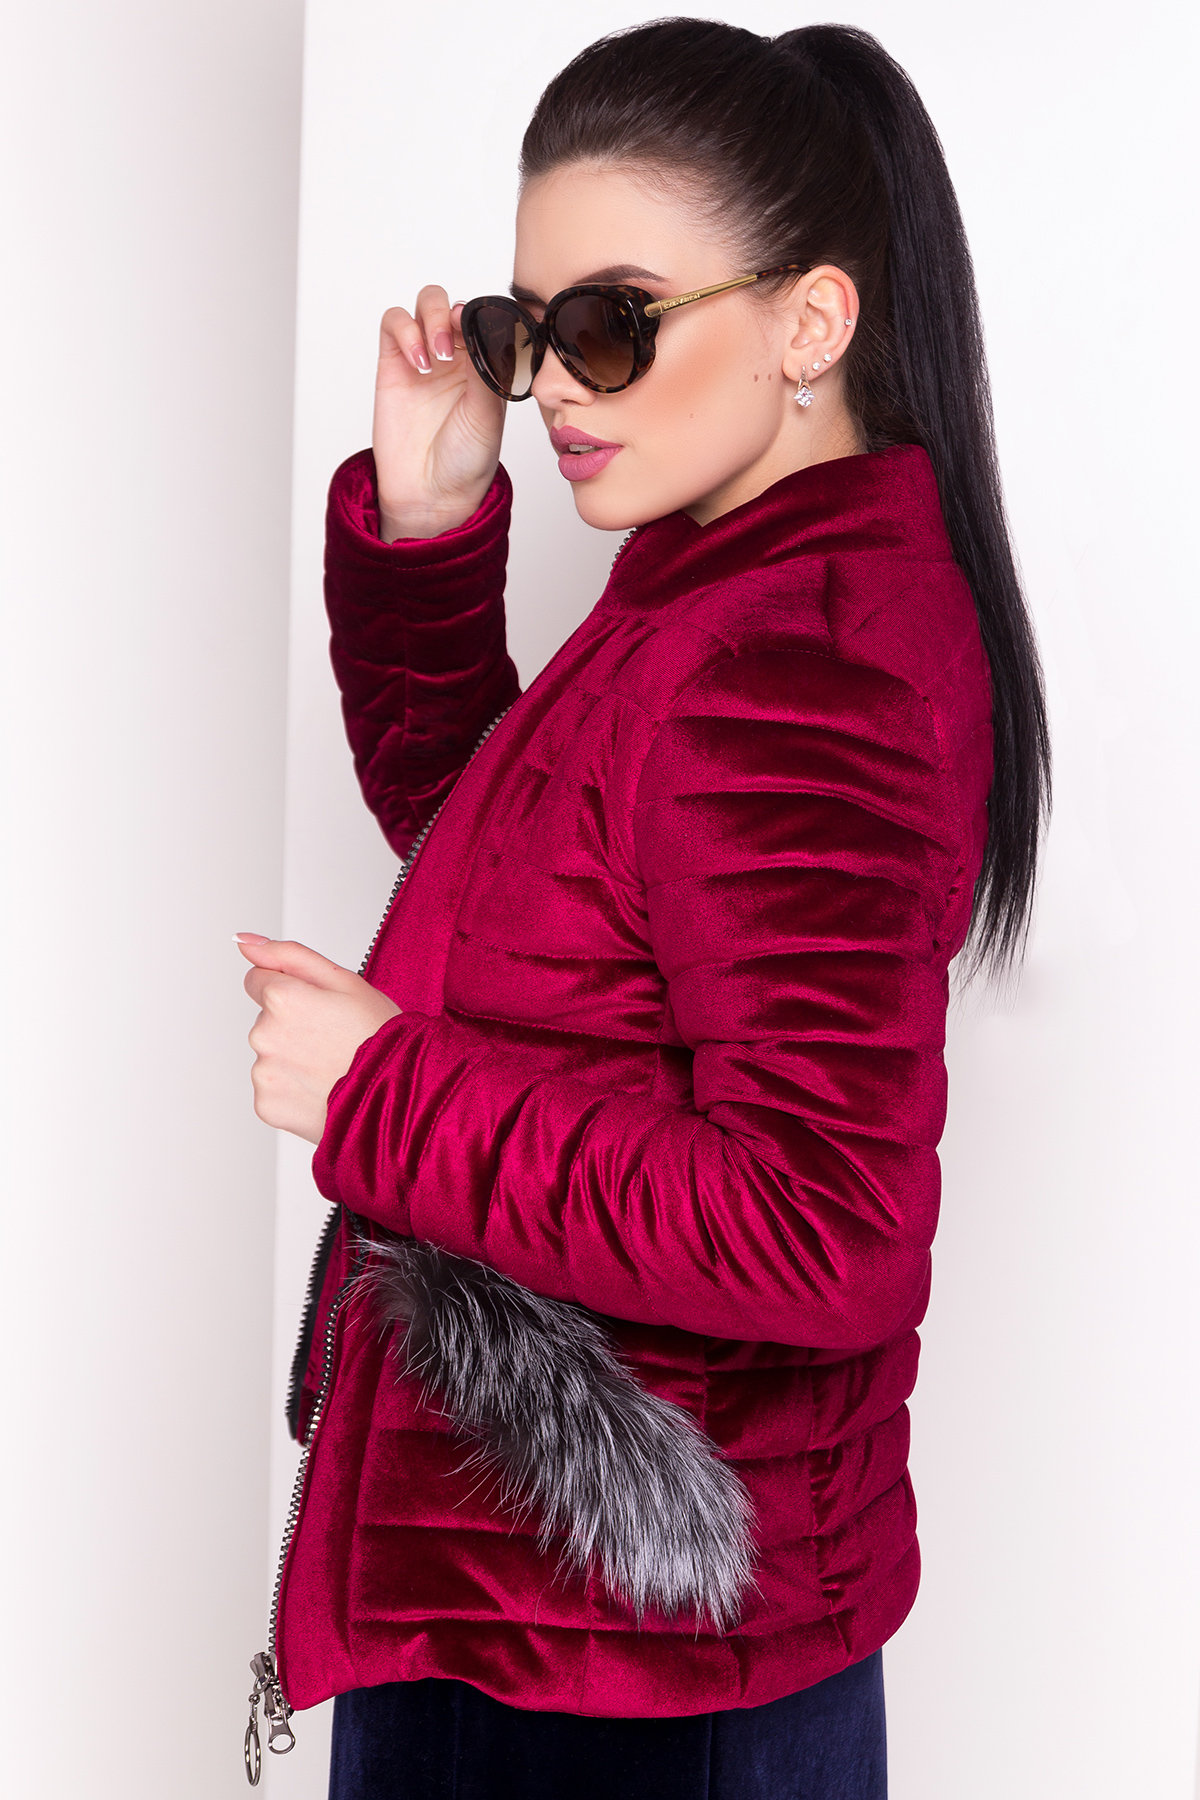 Куртка с мехом на карманах Дезире 4452 АРТ. 21637 Цвет: Марсала - фото 4, интернет магазин tm-modus.ru